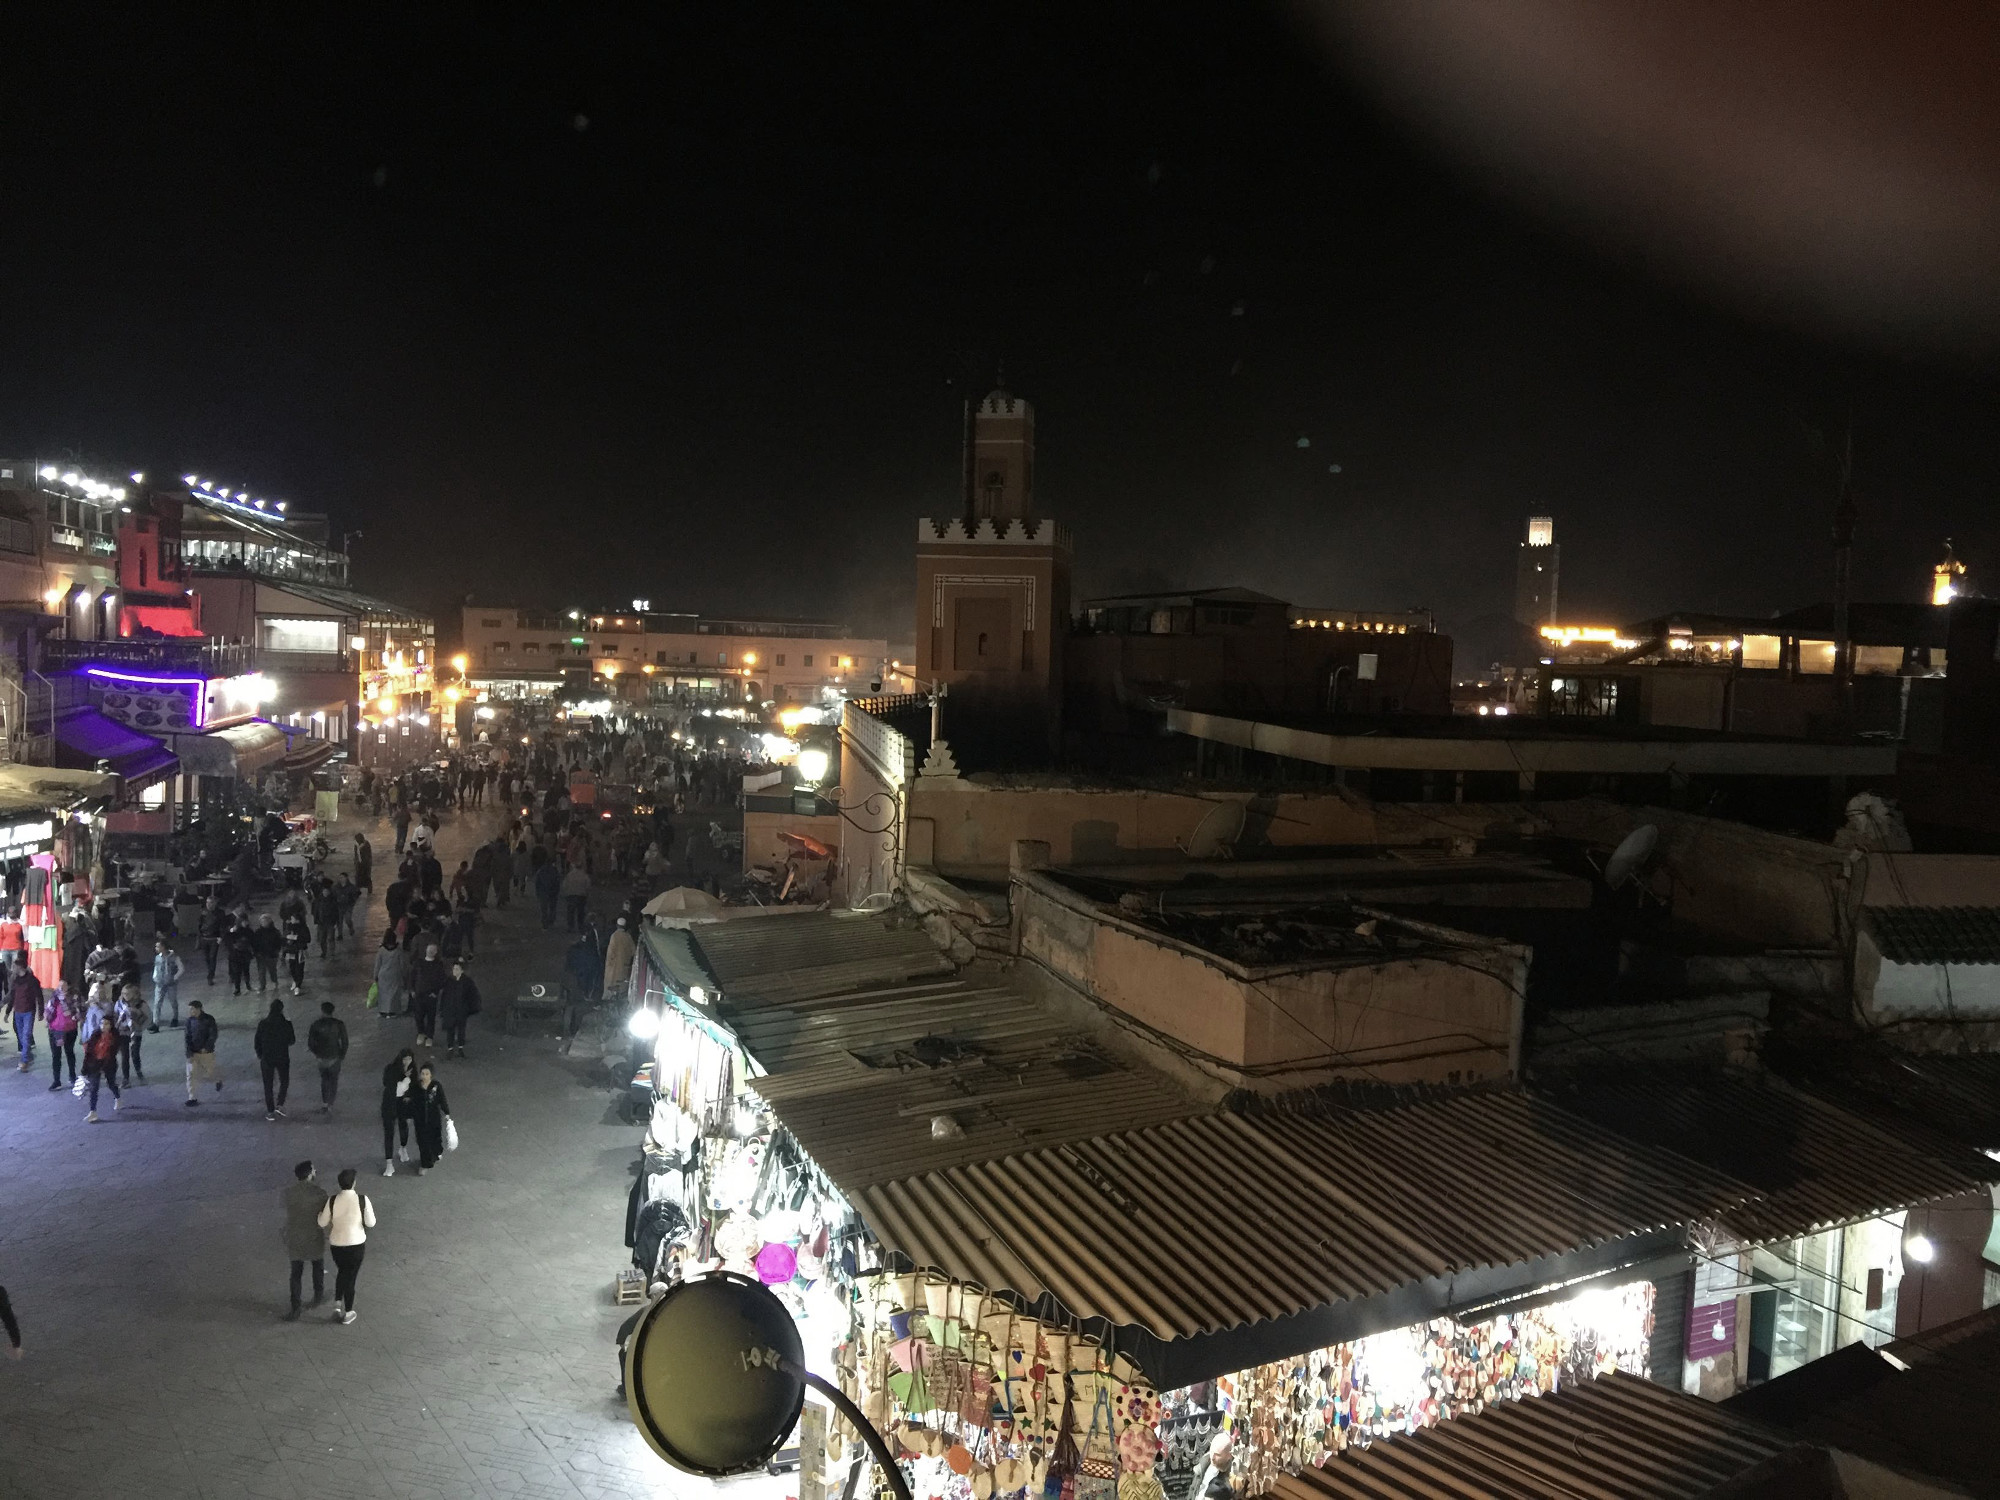 Sehenswürdigkeiten Marrakesch: Djemna de Fna bei Nacht